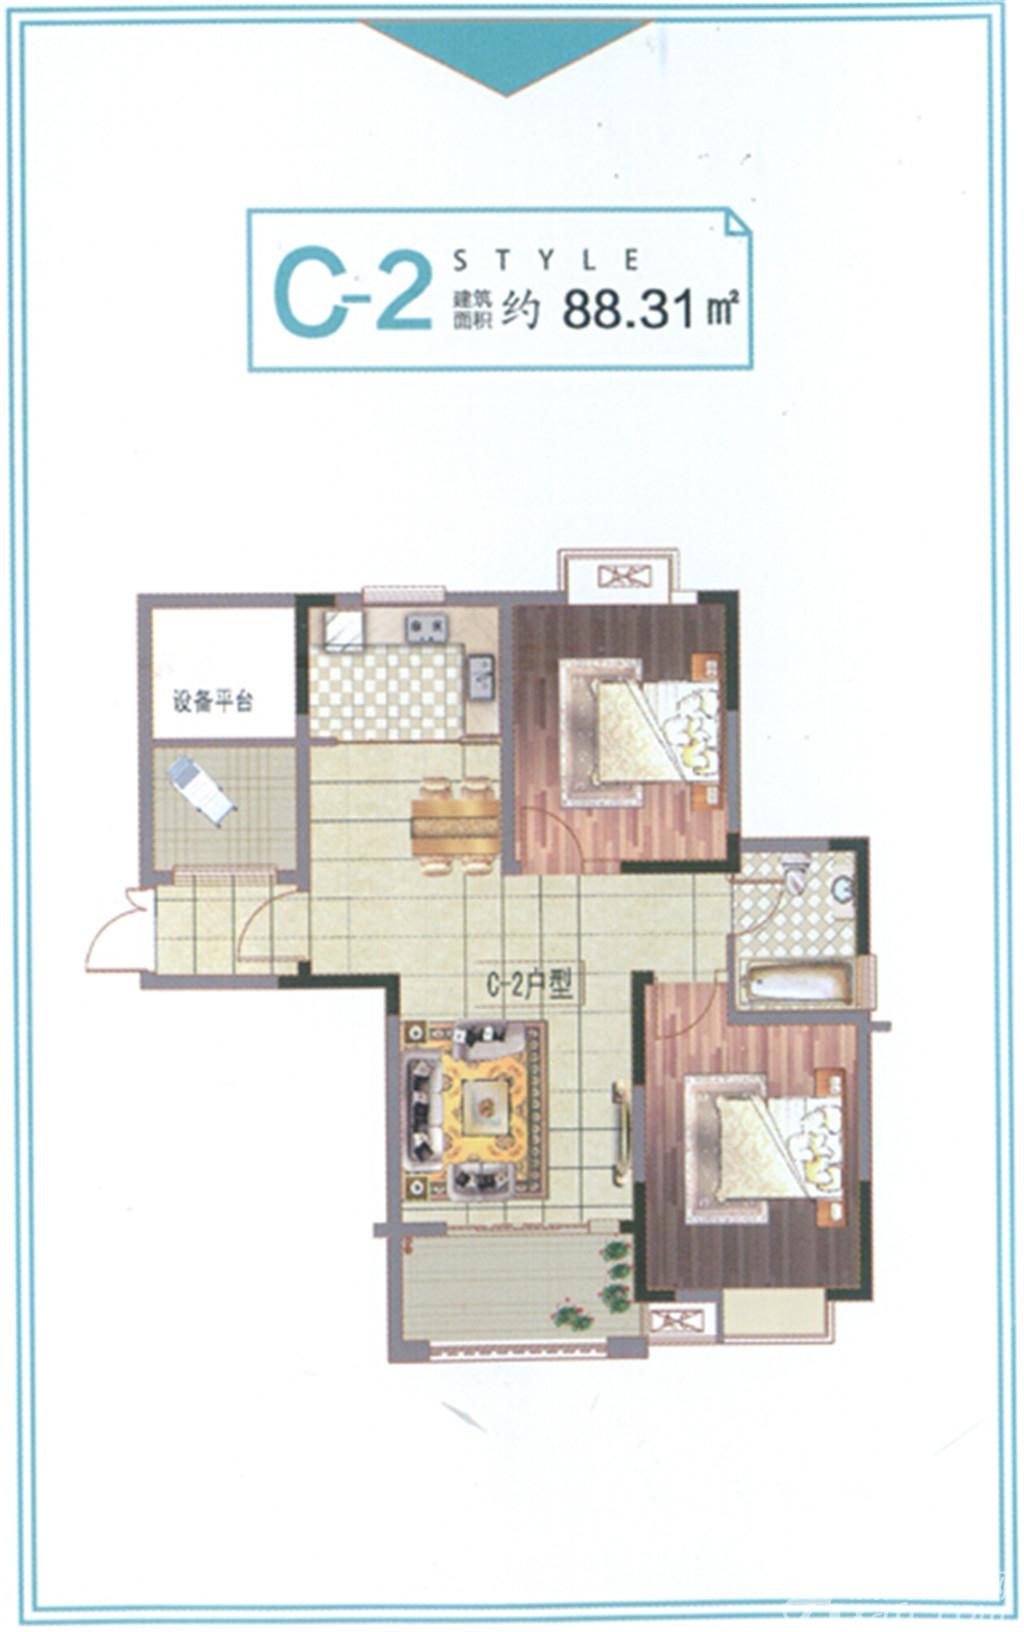 清华嘉园C-2户型3室2厅88.31平米